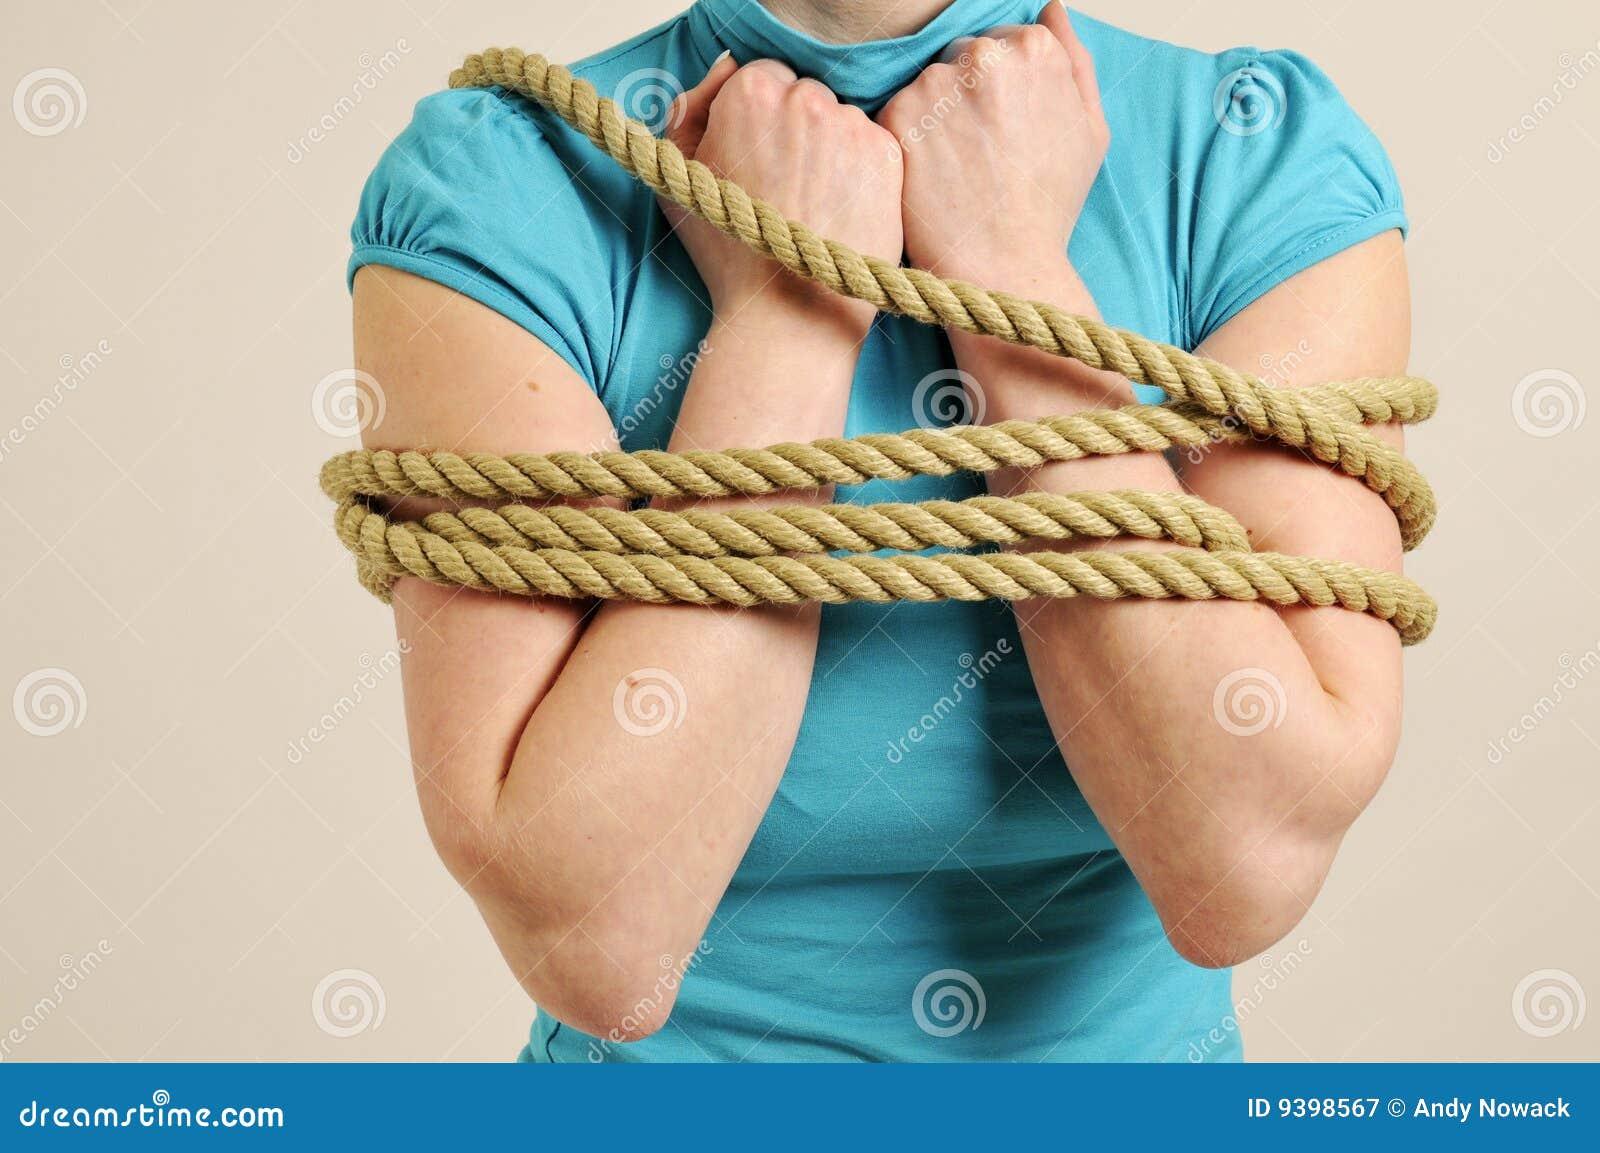 Связанная веревкой девушка 21 фотография